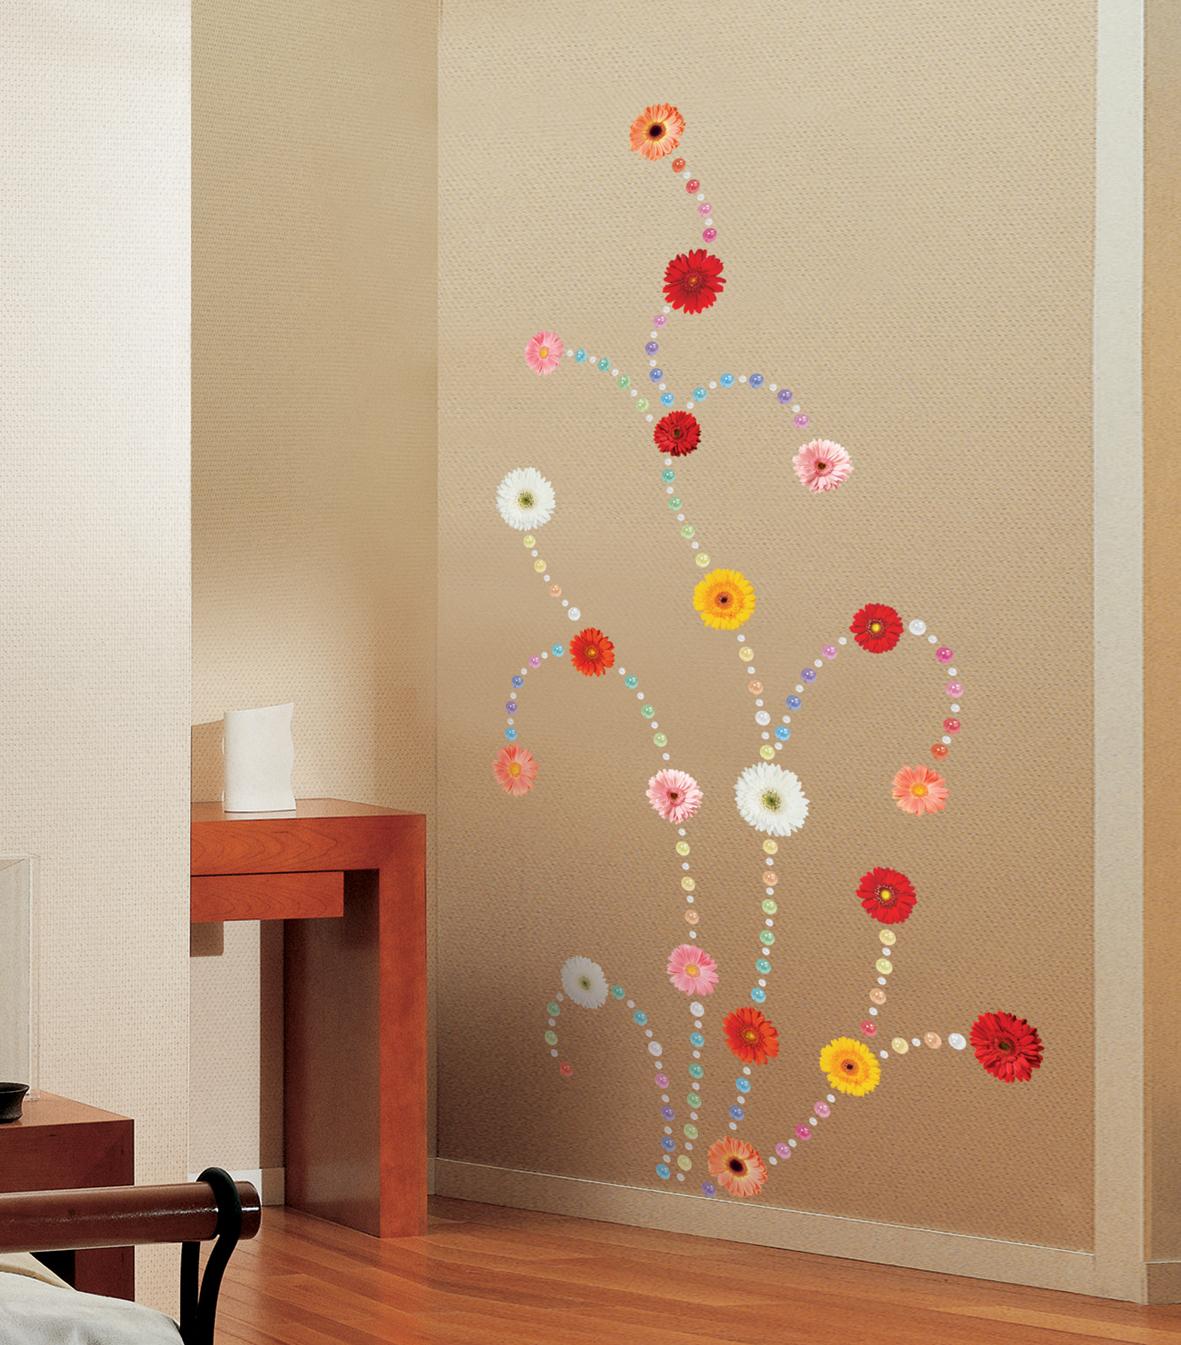 stickers de silhouettes et personnages sticker vari t s de fleurs ambiance. Black Bedroom Furniture Sets. Home Design Ideas